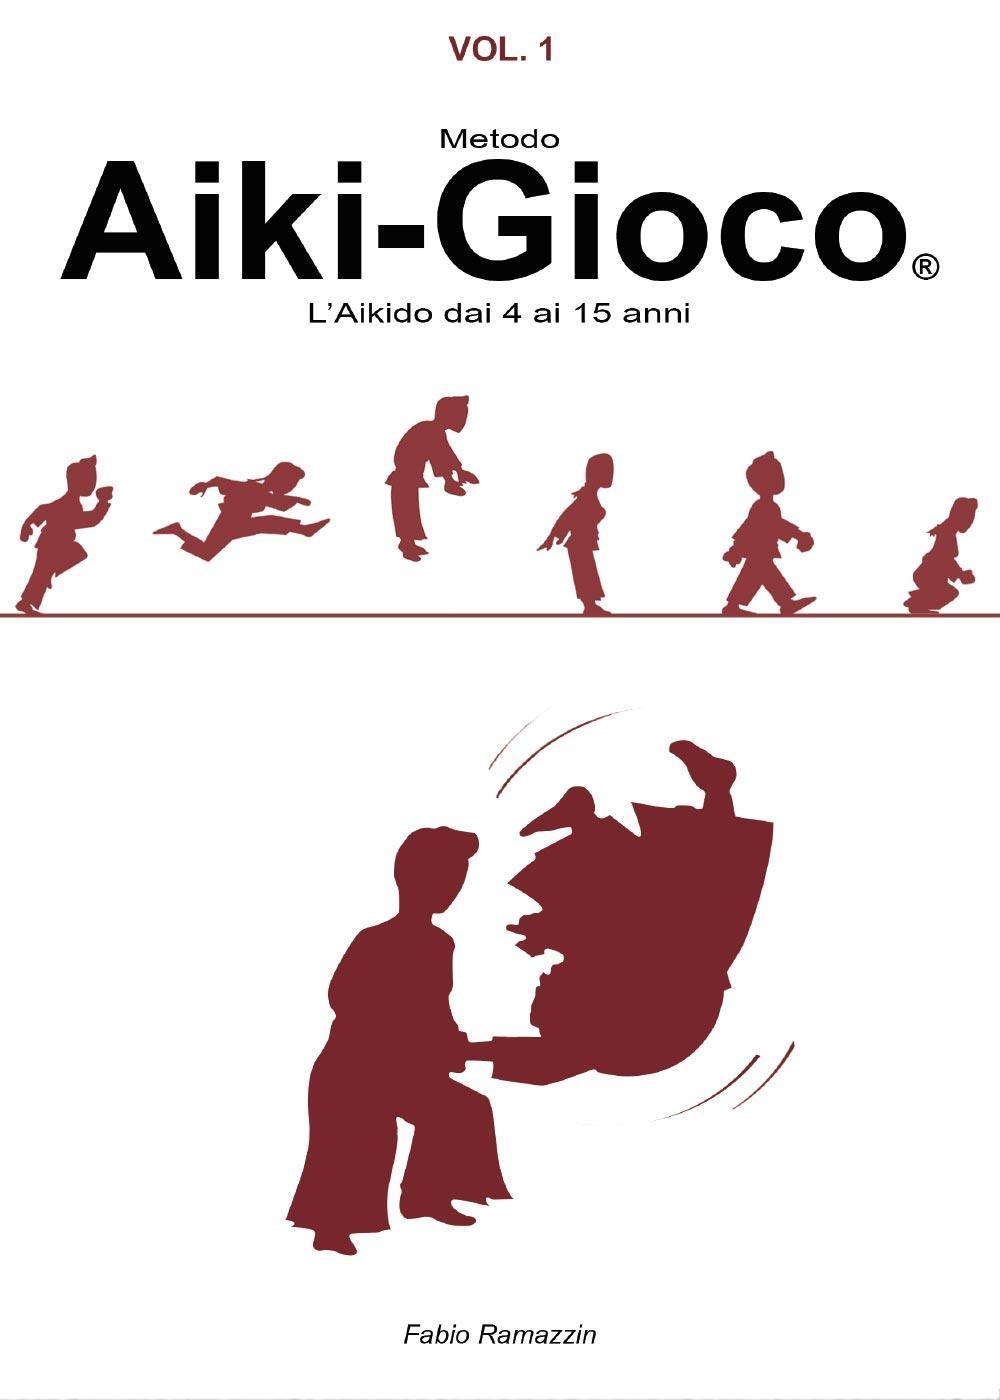 Aiki-Gioco® l'aikido dai 4 ai 15 anni